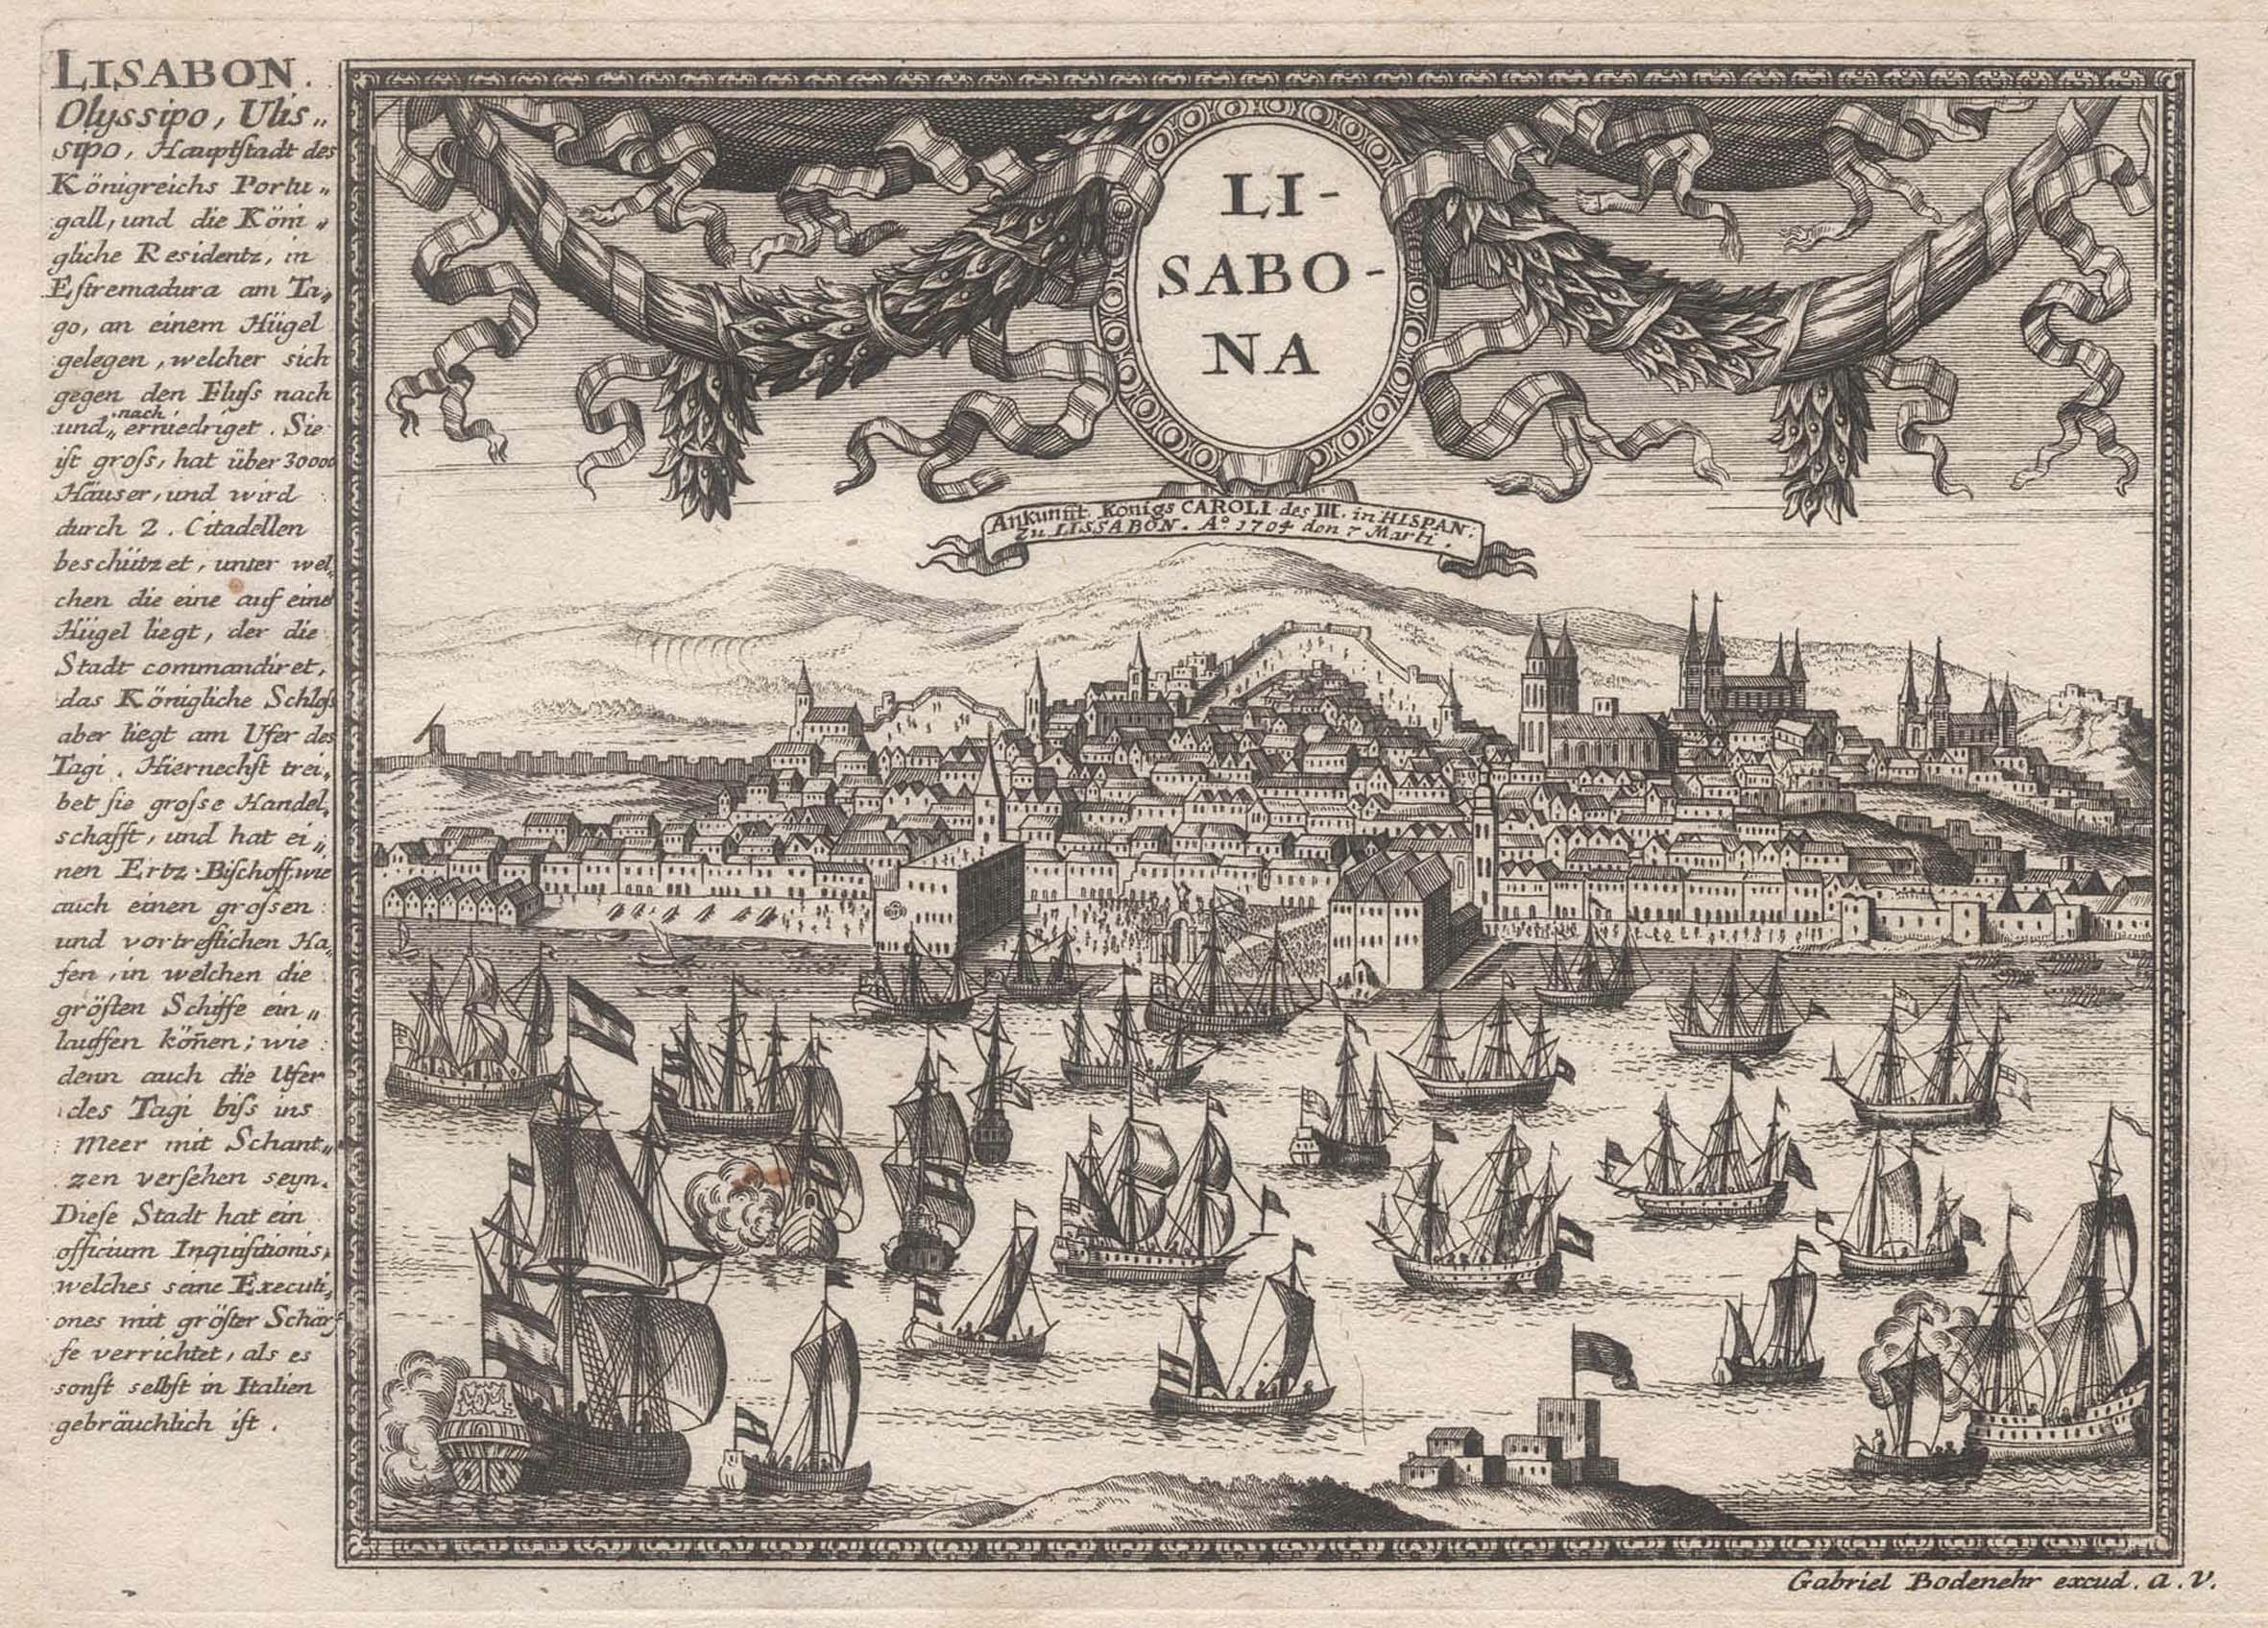 Gesamtansicht, im Himmel Vorhangkartusche m. Medaillon, links: Lissabon ( Lisboa